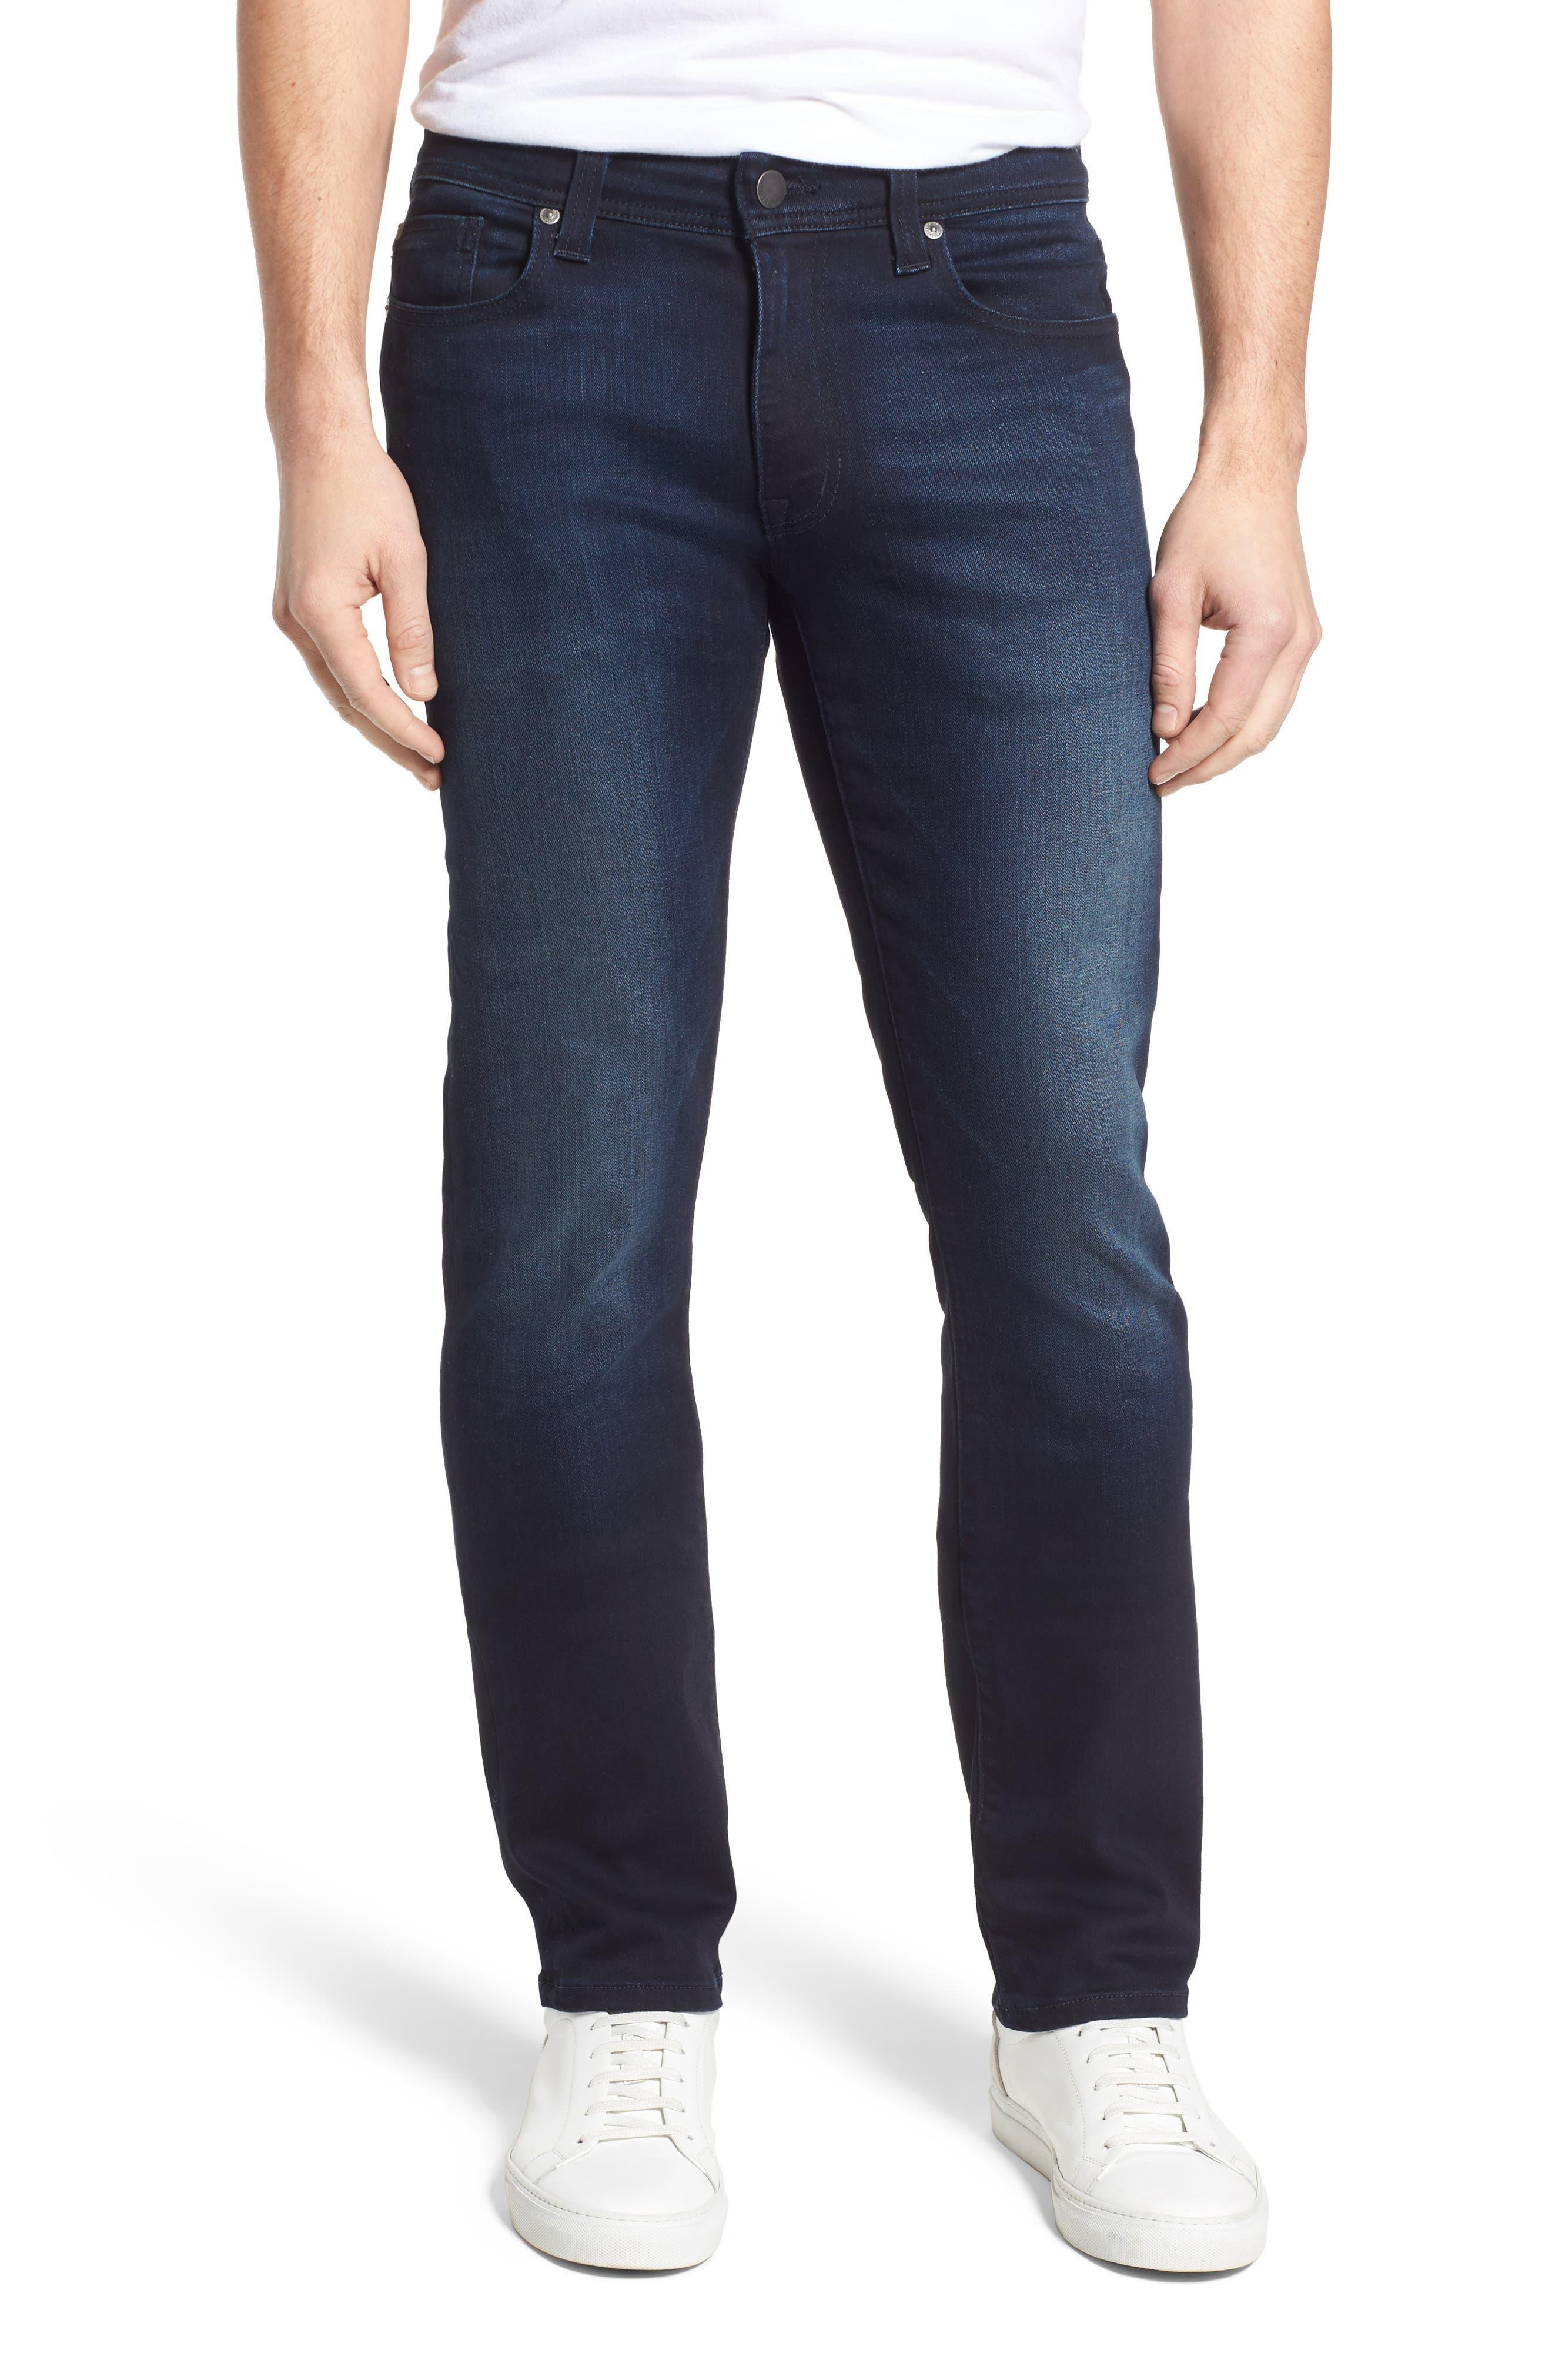 Fidelity Denim Jimmy Slim Straight Fit Jeans (Barracuda)